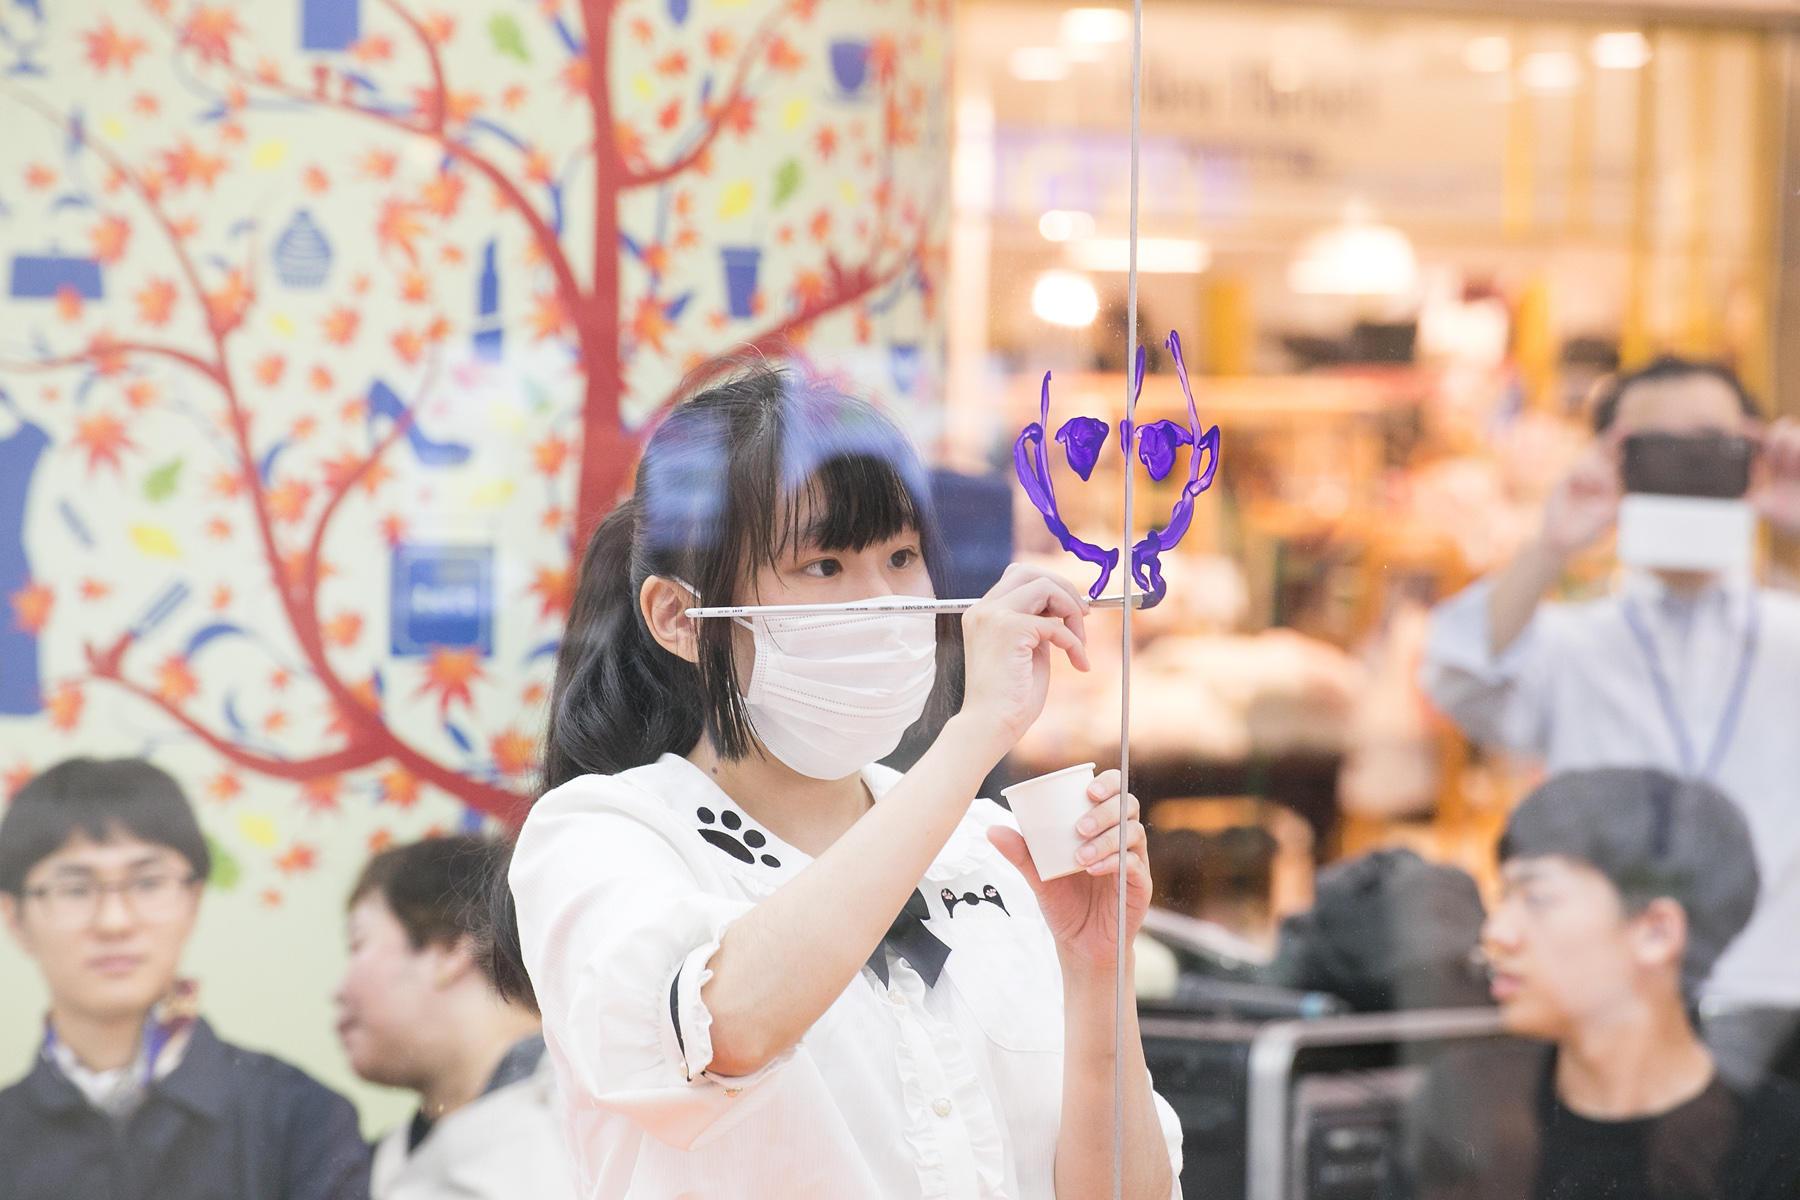 http://news.yoshimoto.co.jp/20181006095352-87877b7c103d47f3c44643efff5c61da23f96563.jpg